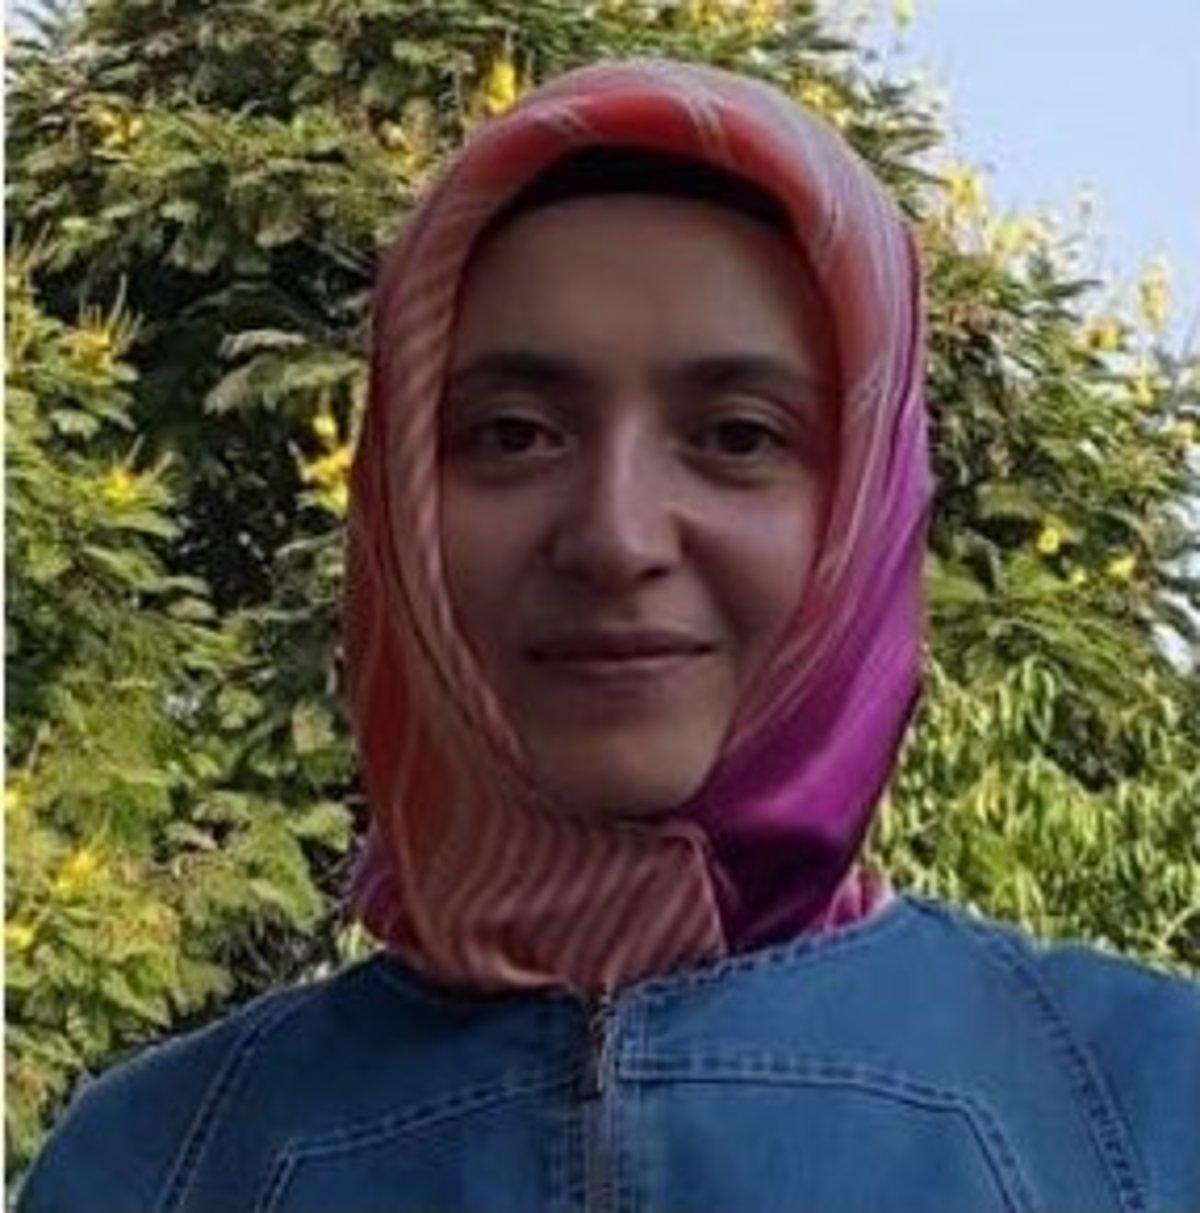 Η δασκάλα που βασανίστηκε και πέθανε στις φυλακές του Ερντογάν